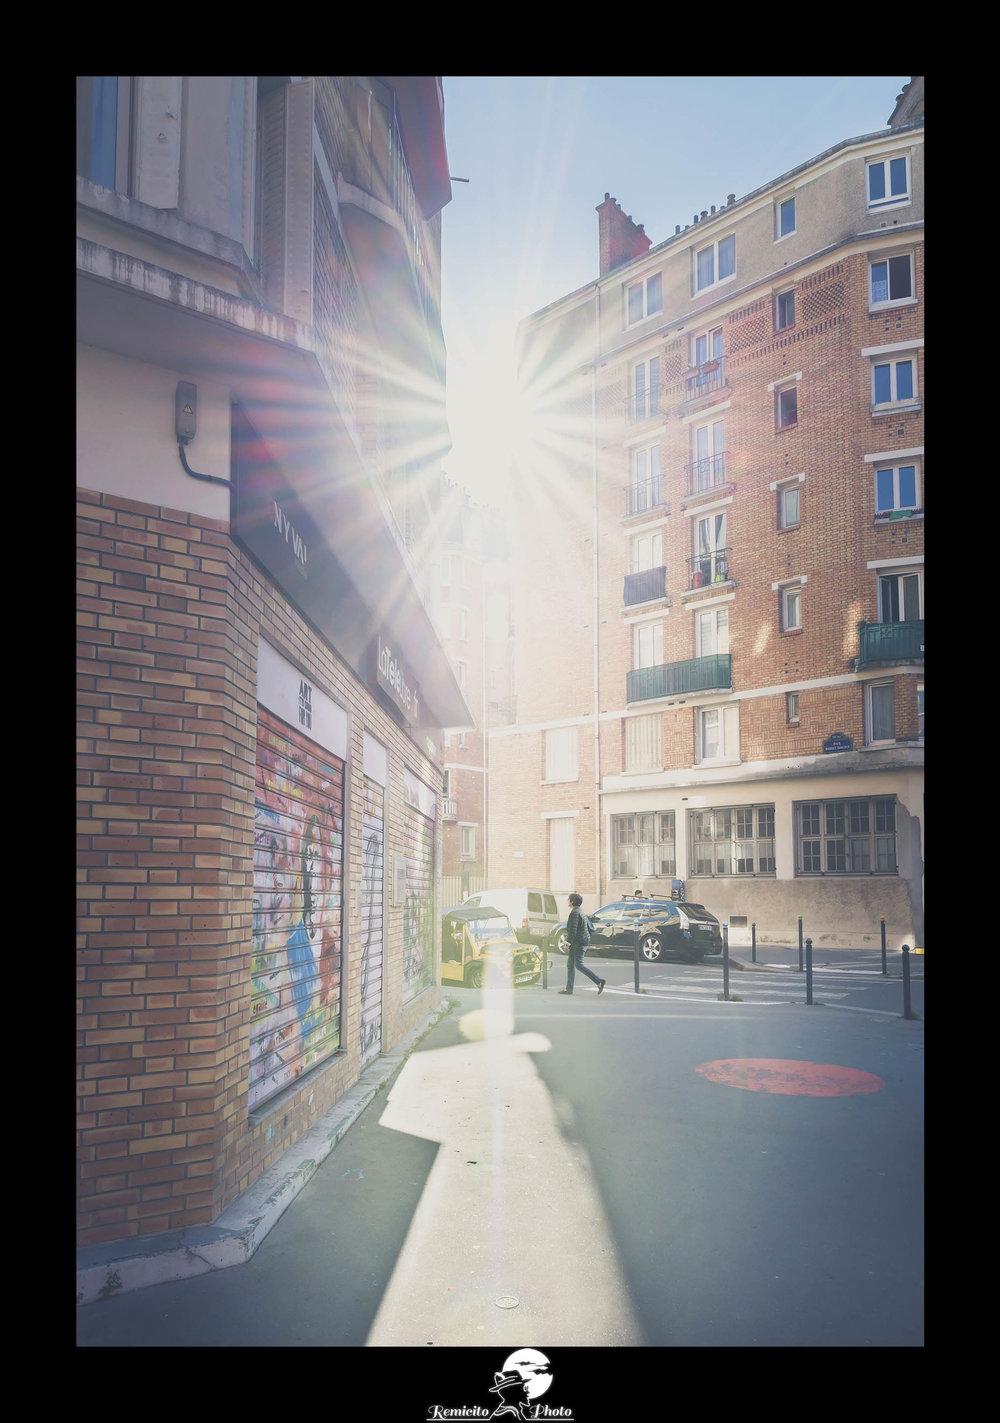 remicito photo, image du jour, photo du jour, photo of the day, expo jeunes artistes, art sous x, un quartier des histoires, photo rue paris, street photography paris